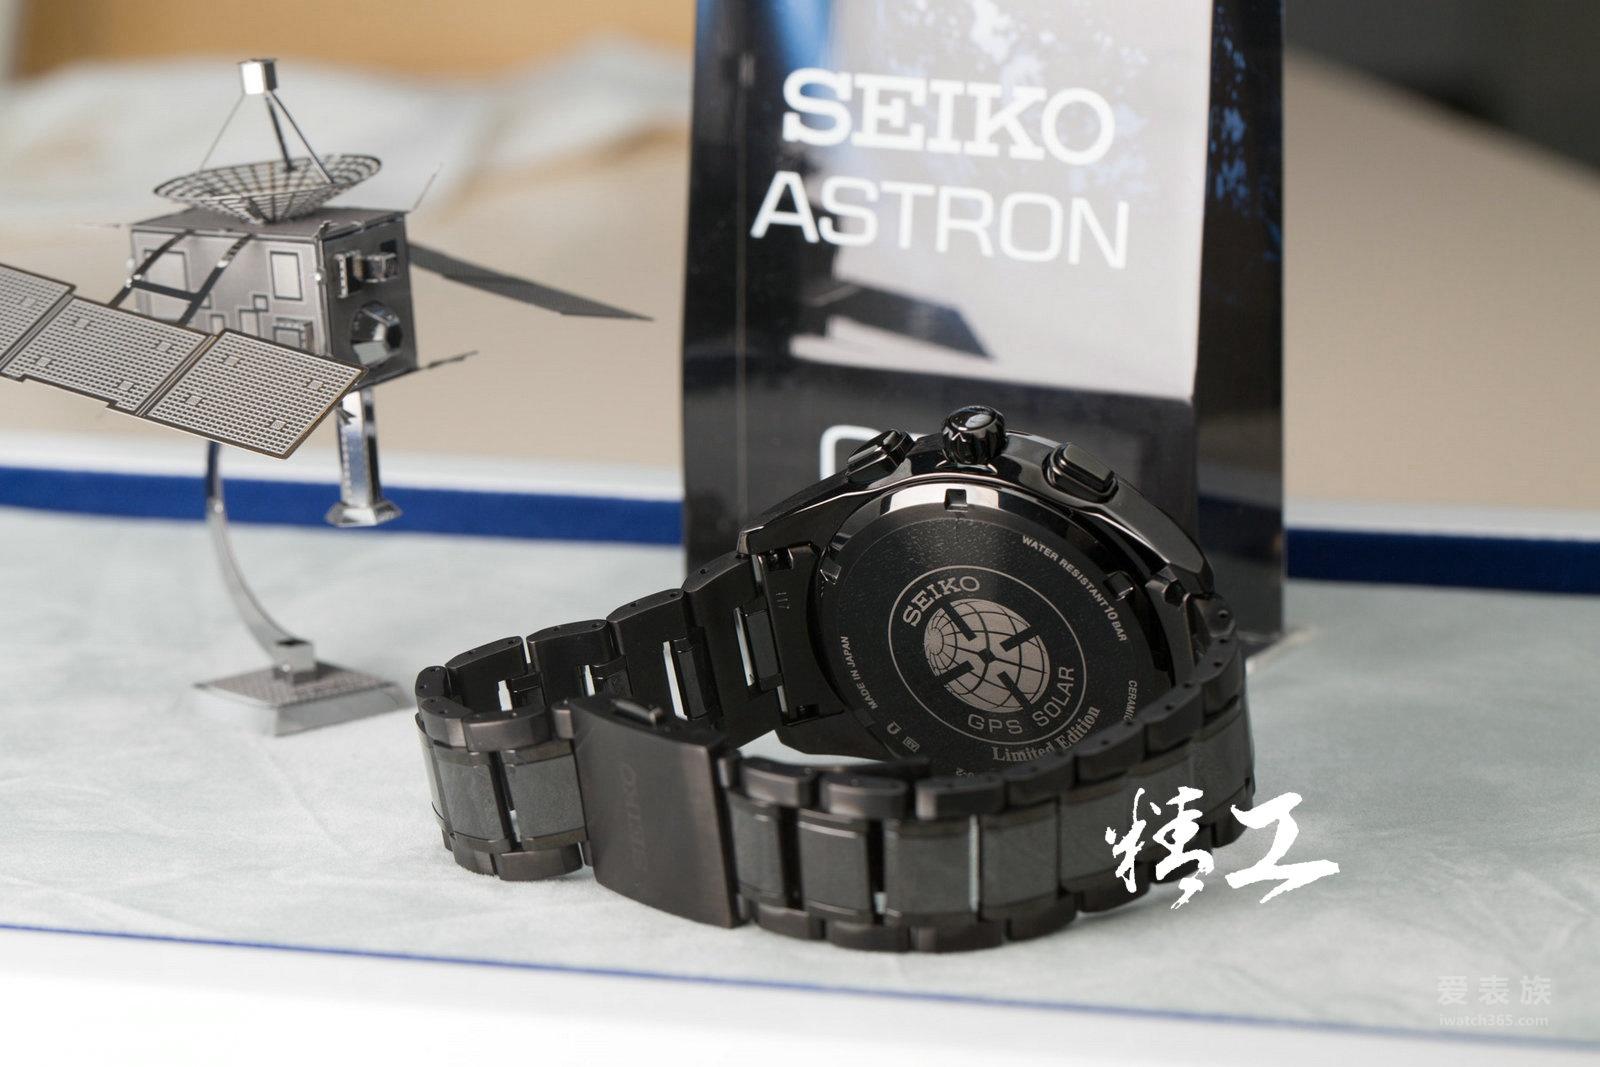 精工Astron系列GPS卫星定位太阳电能